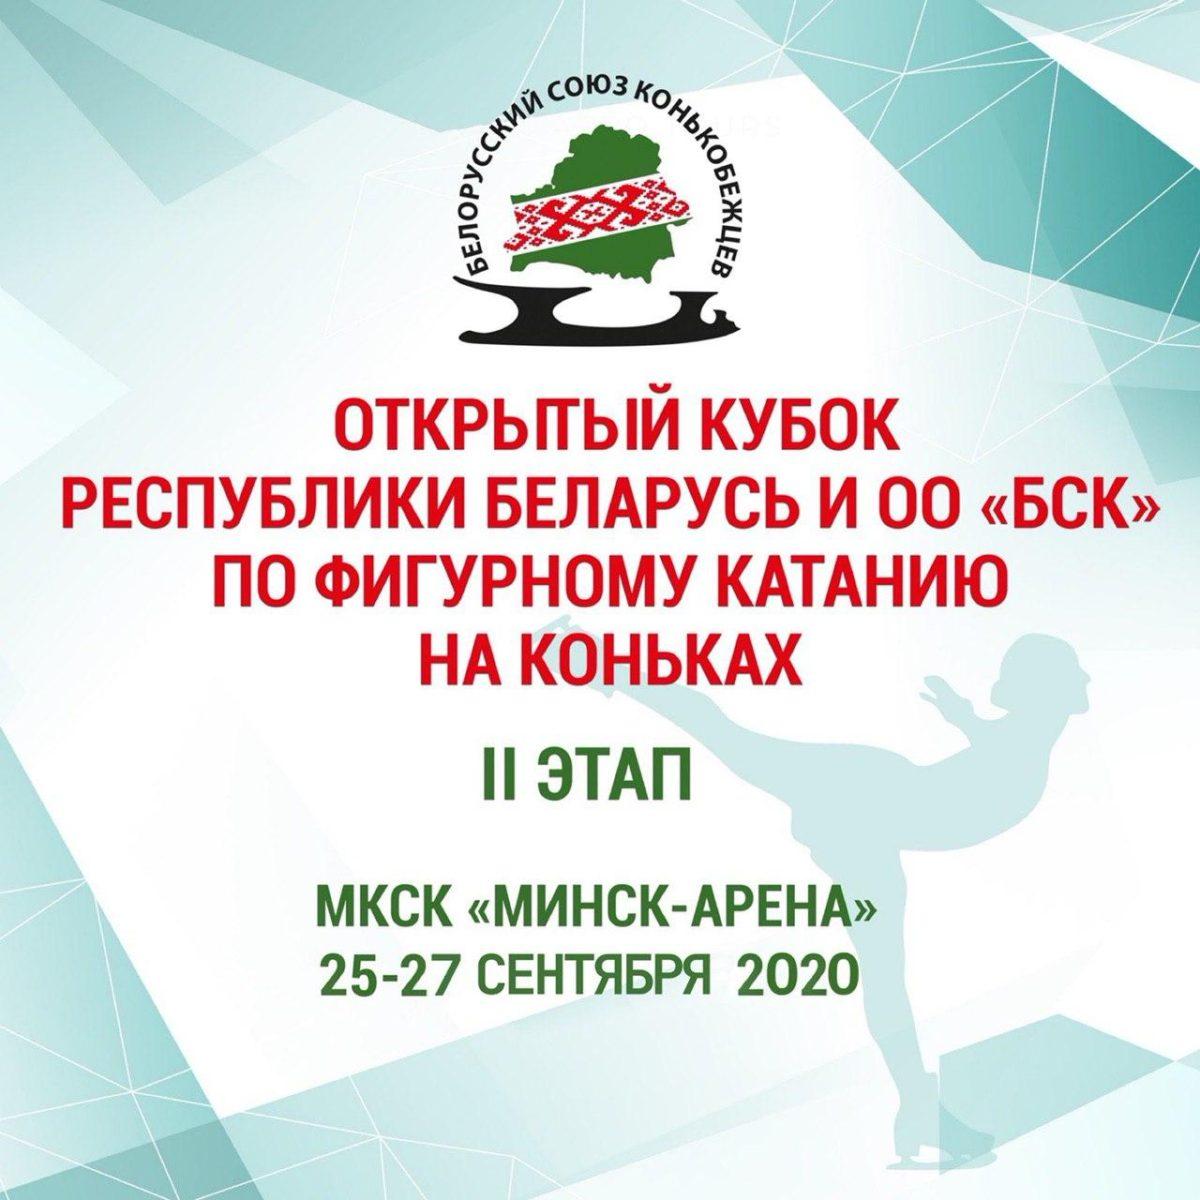 Открытый Кубок Республики Беларусь и ОО «БСК» по фигурному катанию на коньках (II этап)